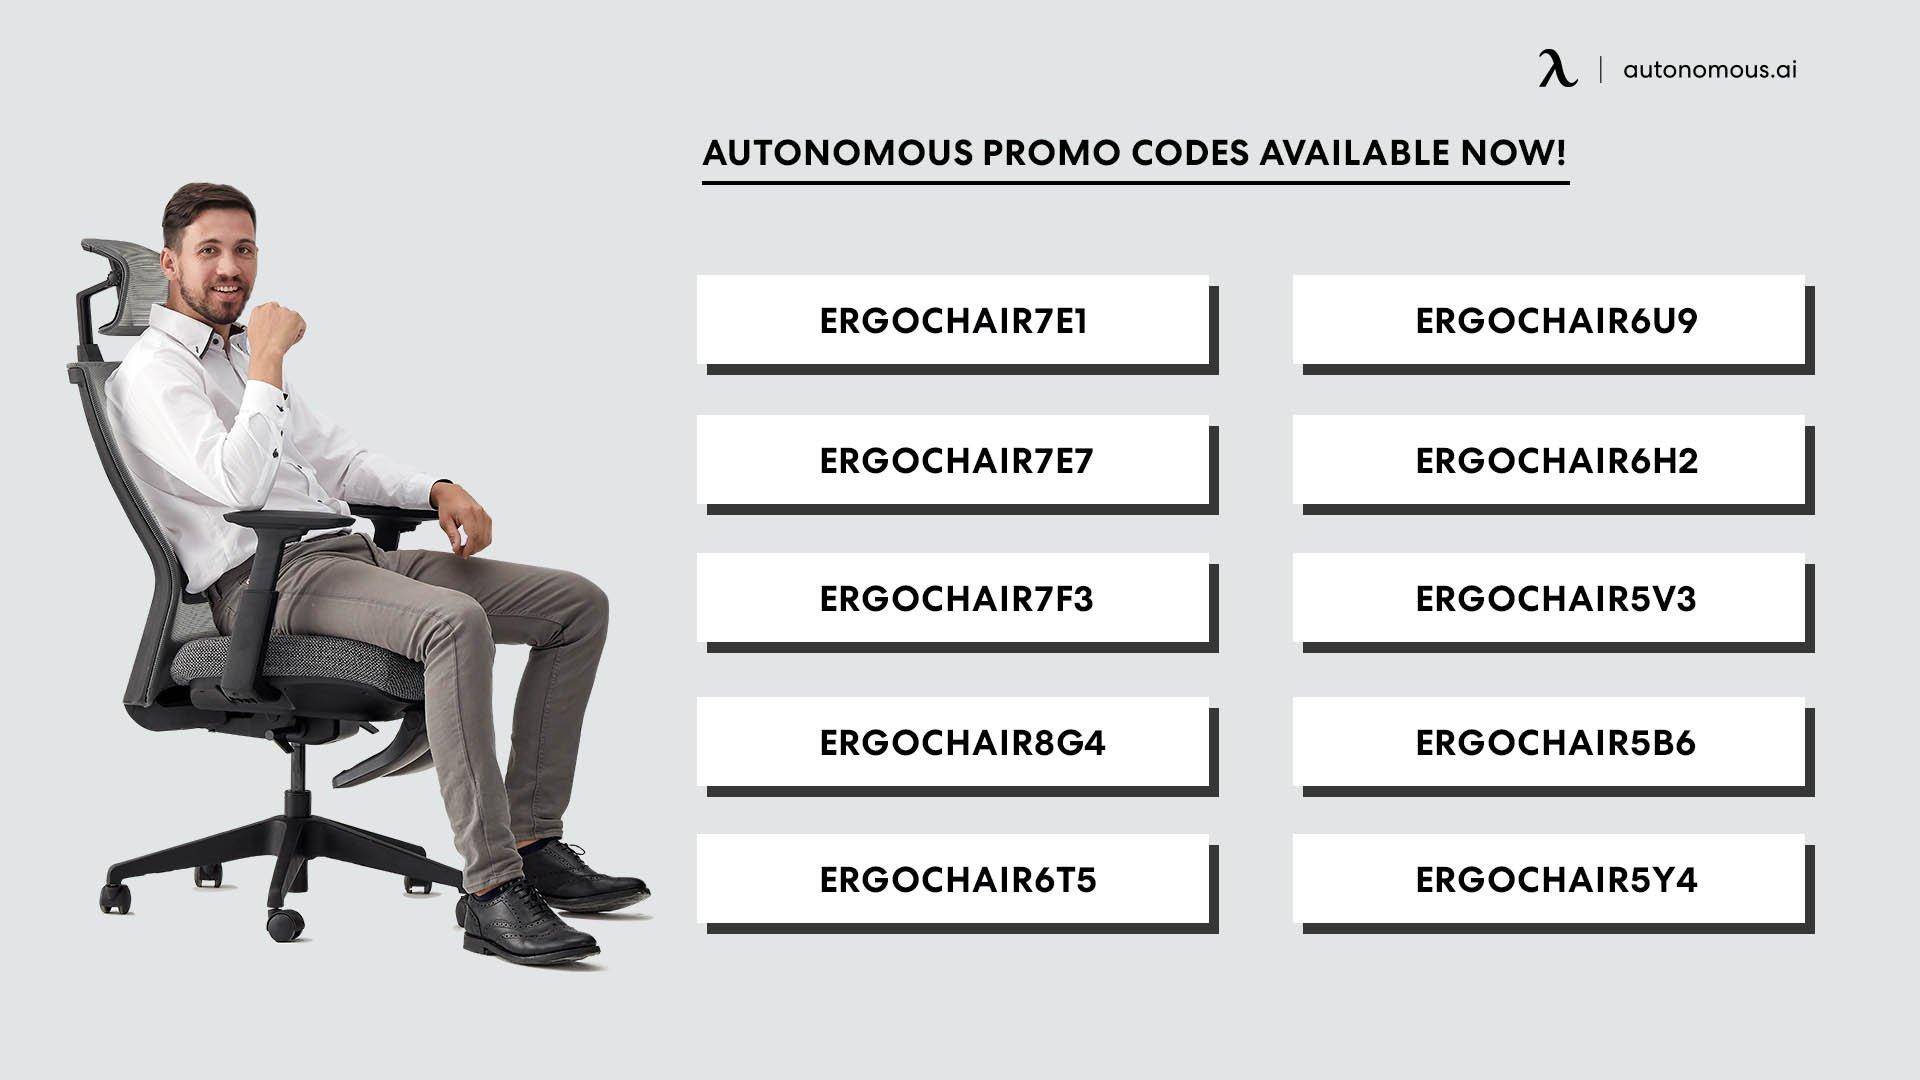 Autonomous promo codes available now!